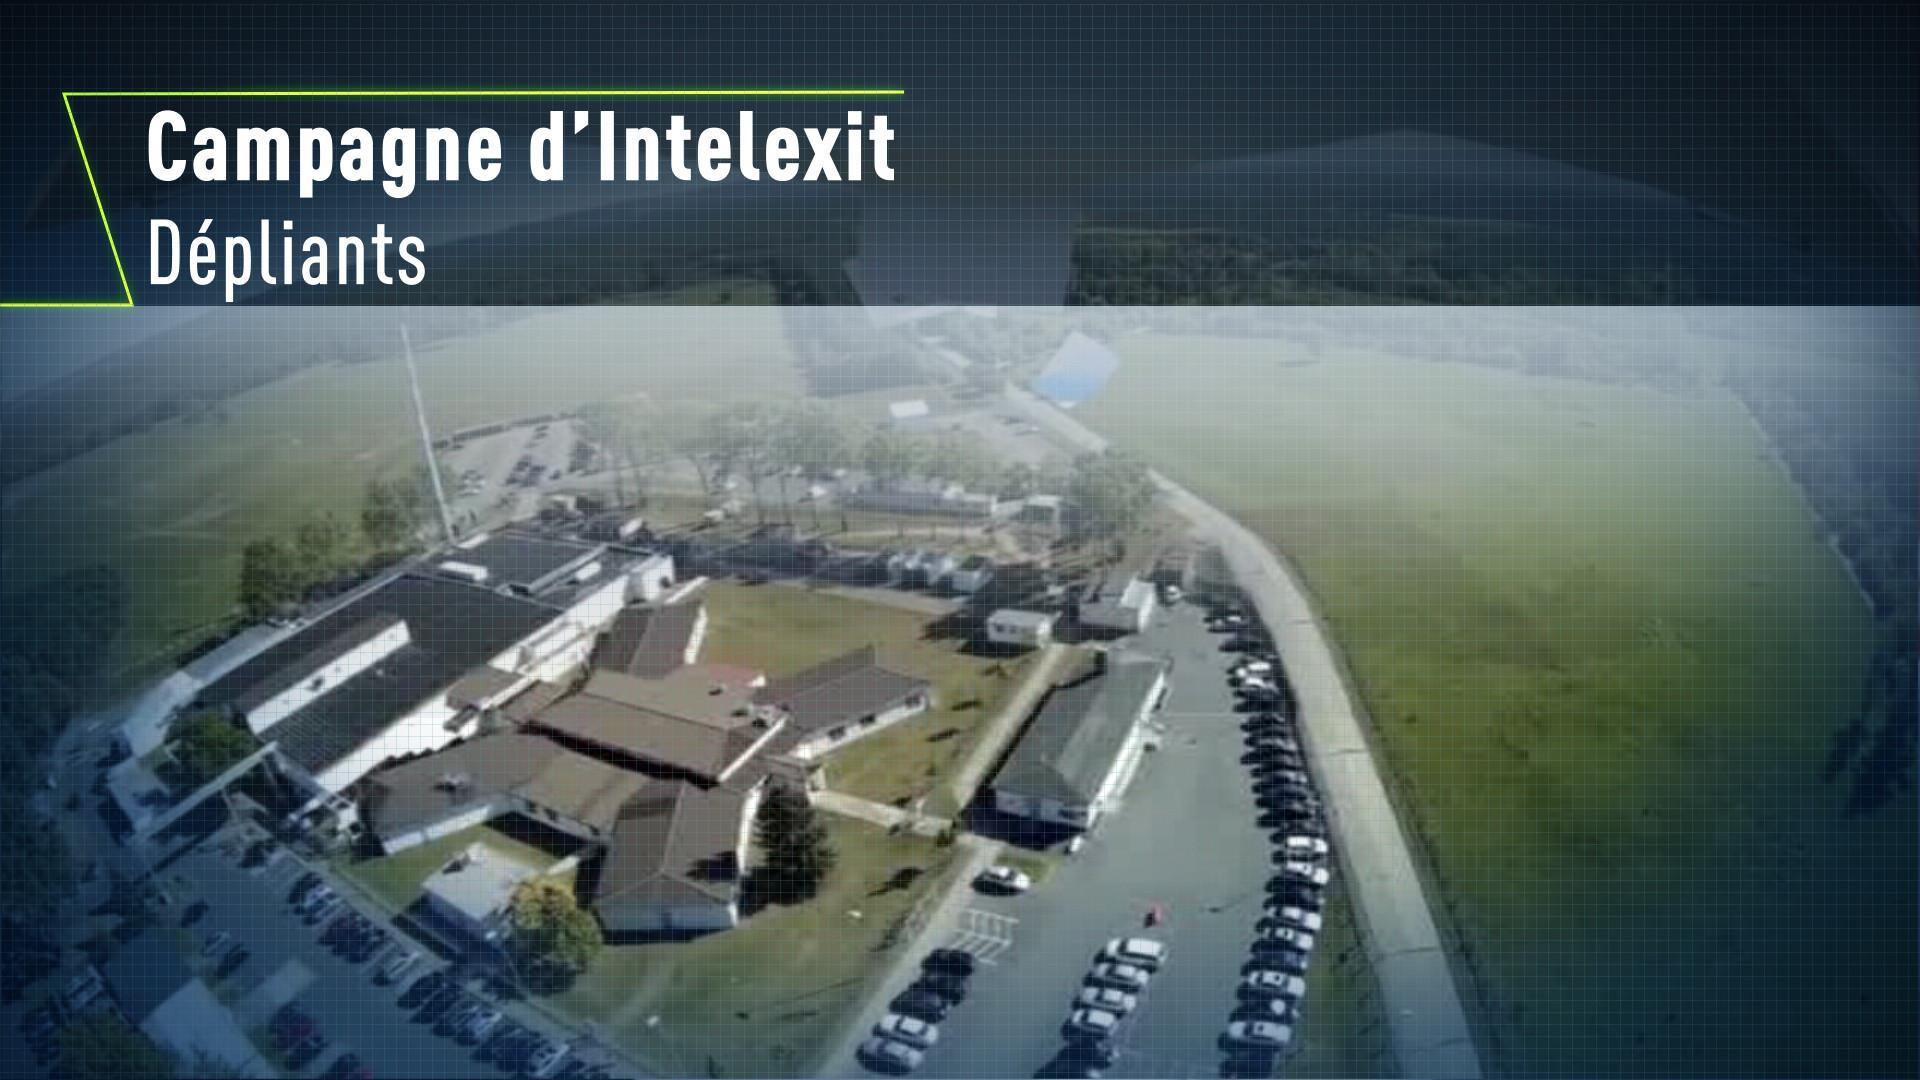 Un drone lâche des dépliants anti-espions au-dessus du bâtiment de la NSA en Allemagne